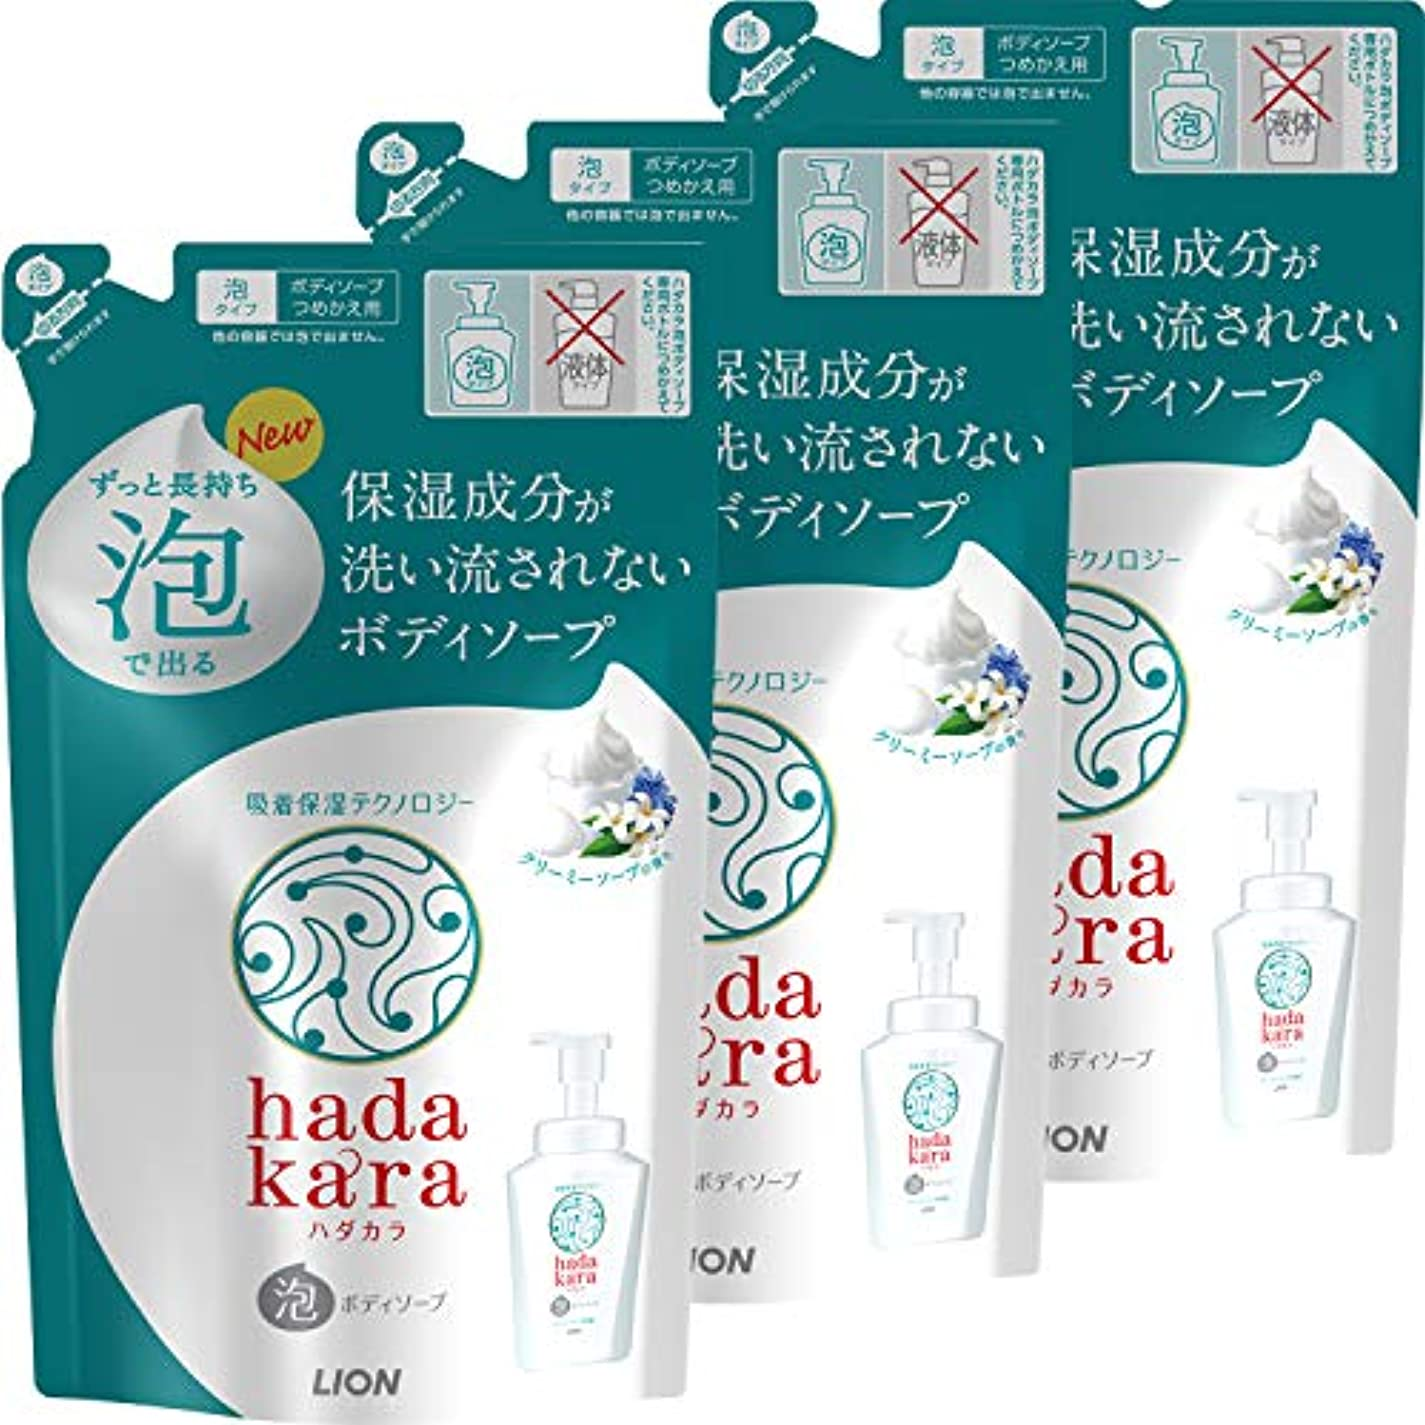 サスティーンあたりスカイhadakara(ハダカラ) ボディソープ 泡タイプ クリーミーソープの香り 詰替440ml×3個